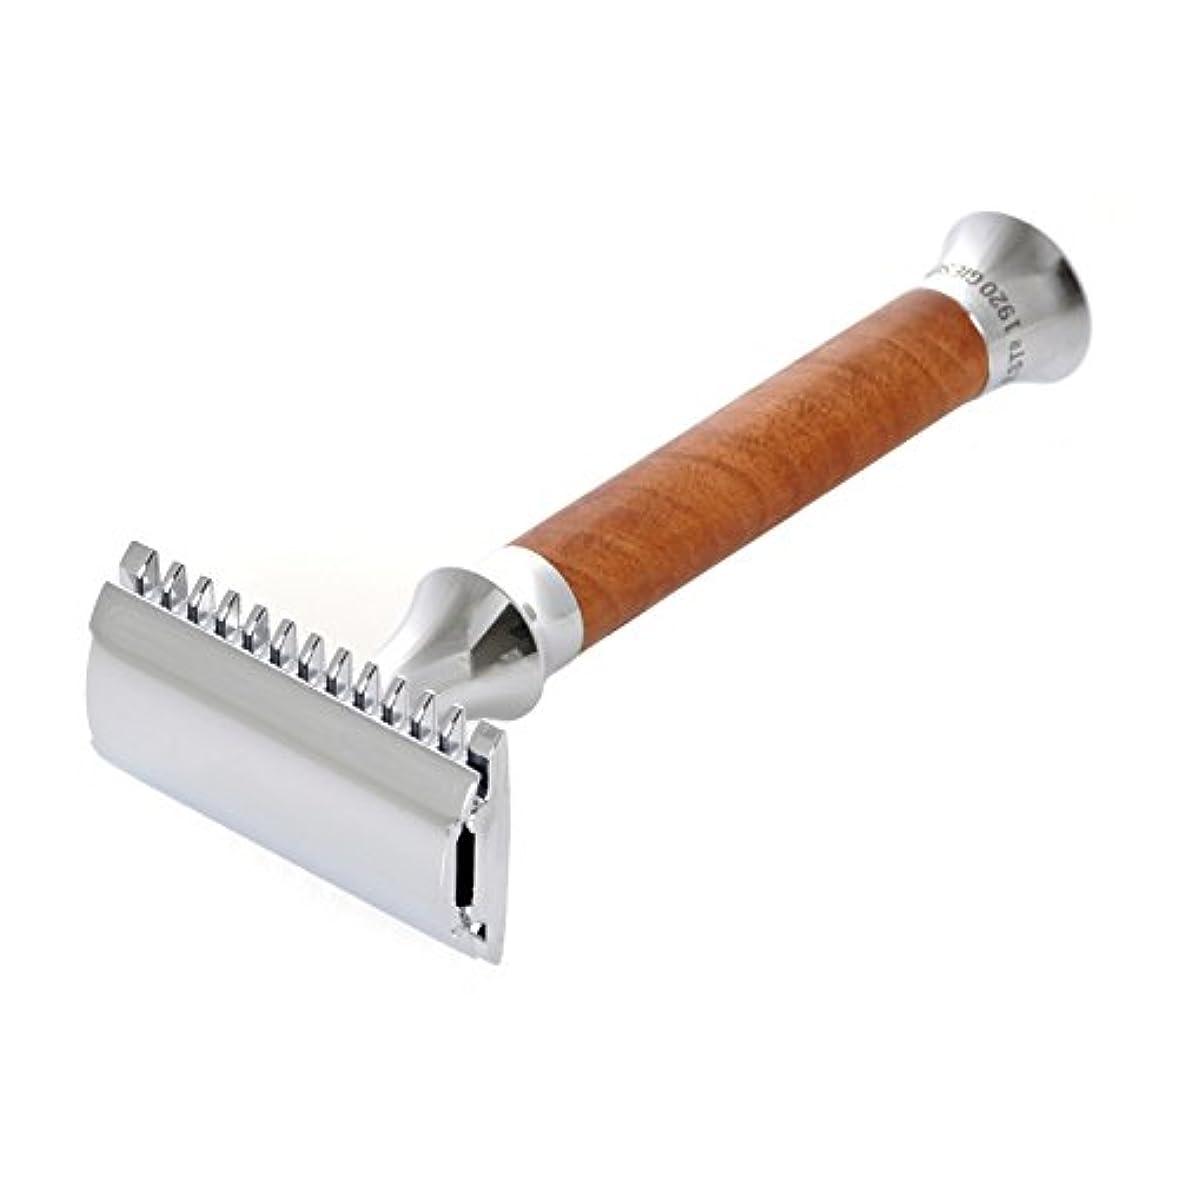 フルーツ野菜送信する戦士G&F - Vintage Edition Safety razor, Thuja burl wood, 10 razor blades